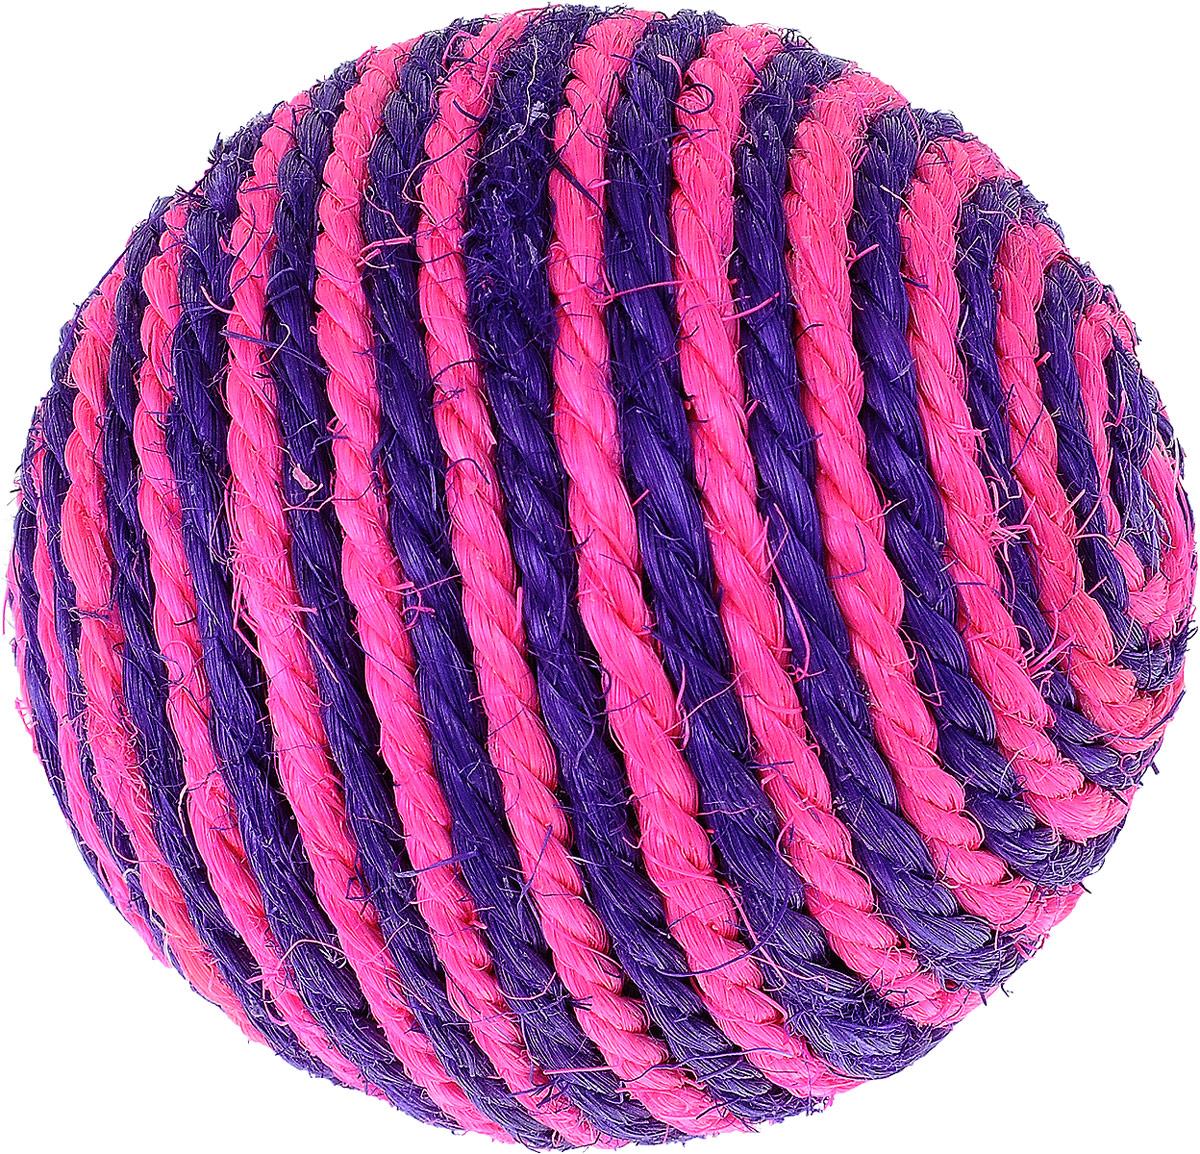 Игрушка для кошек Triol Шарик, цвет: розовый, фиолетовый, диаметр 9,5 смКк-03700Шарик - это забавная когтеточка, разработанная компанией Triol в виде небольшого шарика из сизали. Данные когтеточки пользуются особенным вниманием у кошек, ведь о них можно не только поточить коготки, но и весело поиграть гоняя по полу лапкой или покусывая зубами.Когтеточки - обязательный аксессуар для личной гигиены кошек, который помогает животным избавиться от мешающихся шелушащихся слоев когтя, причиняющих дискомфорт подушечкам лап. Кроме того волокна сизаля - натуральный растительный продукт, который не только являться очень крепким и стойким к повреждениям, но так же имеет отталкивающее бактерии покрытие, благодаря чему абсолютно безвреден для кошек.Диаметр игрушки: 9,5 см.